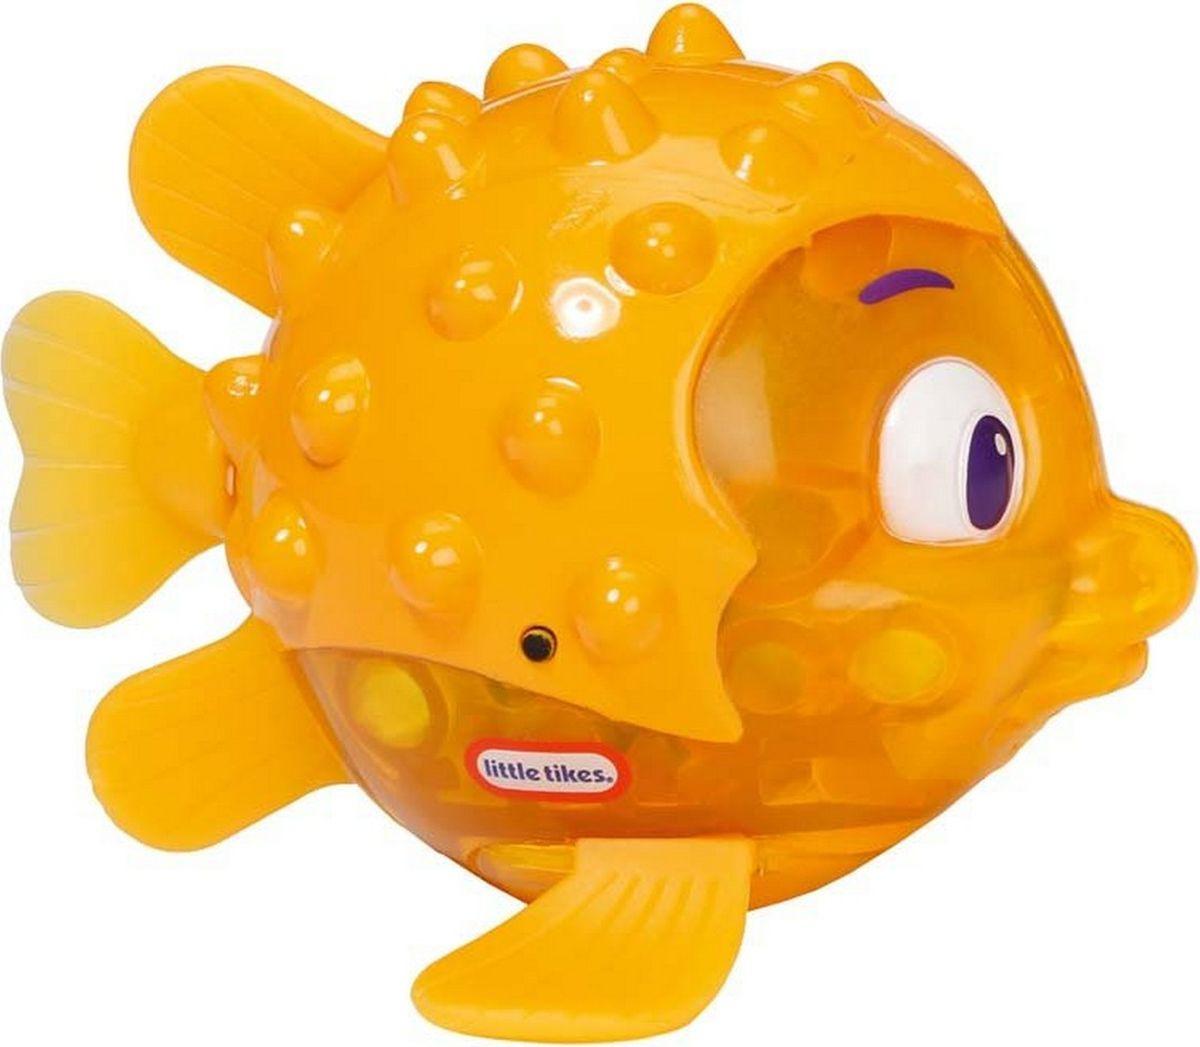 Интерактивная игрушка Little Tikes Блестящая бухта Рыбка Огонек Иглобрюх, 638237M638237MИнтерактивная игрушка «Блестящая бухта. Рыбка Огонек: иглобрюх» от производителя Little Tikes очень похожа на настоящую, умеет плавать и светится в воде.У рыбы толстое как шарик туловище с шипами как у настоящего иглобрюха, жёлтый полупрозрачный герметичный корпус, внутри которого встроены двигательный механизм и светодиодная лампочка.Стоит положить рыбешку на поверхность воды, как она начнет светиться и махать хвостом, плывя вперед как живая! Дети от 3 лет будут просто в восторге от этого зрелища!Специальный встроенный датчик обнаруживает погружение в жидкую среду и включает работу механизма и свечение огонька. Амплитуда движения хвостом может меняться, что ускоряет или замедляет скорость передвижения рыбки.Оригинальная интерактивная игрушка «Иглобрюх» абсолютно безопасна для игр малышей в воде. Батарейки АG13 в количестве 3 шт. включены в комплект.